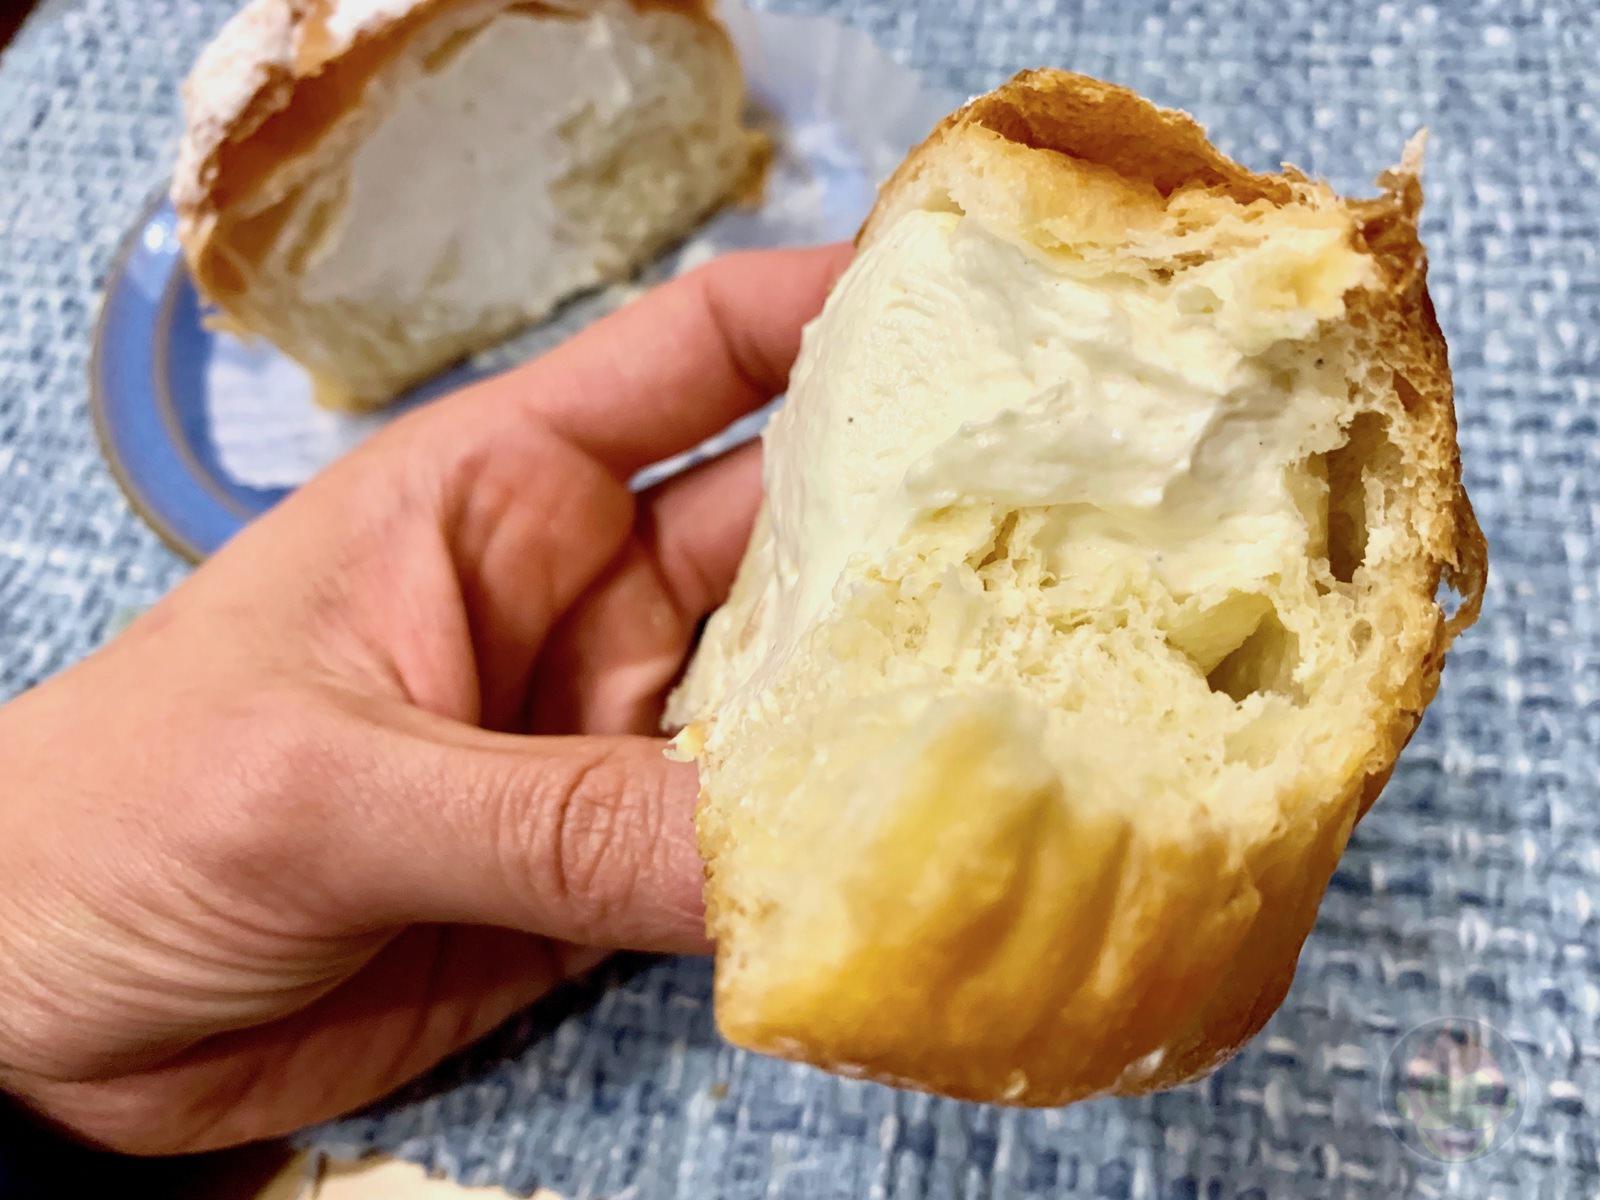 Costco-Croissant-cream-puff-07.jpg